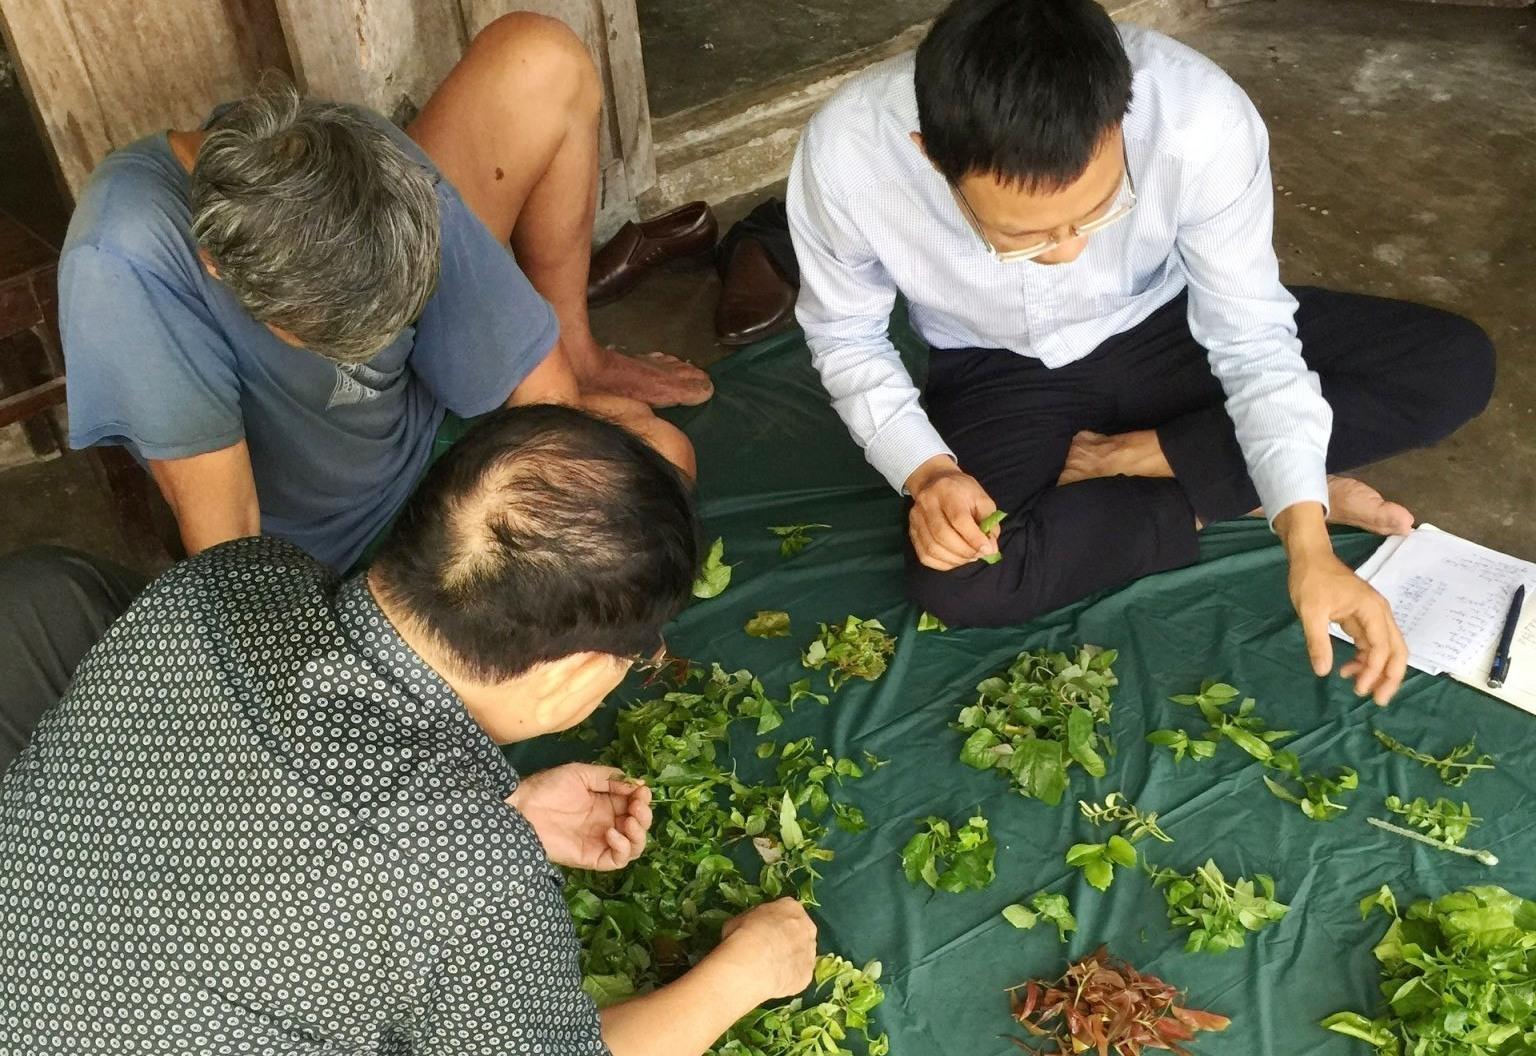 Các nhà khoa học nghiên cứu về các loại rau rừng Cù Lao Chàm. Ảnh: HOÀNG LIÊN